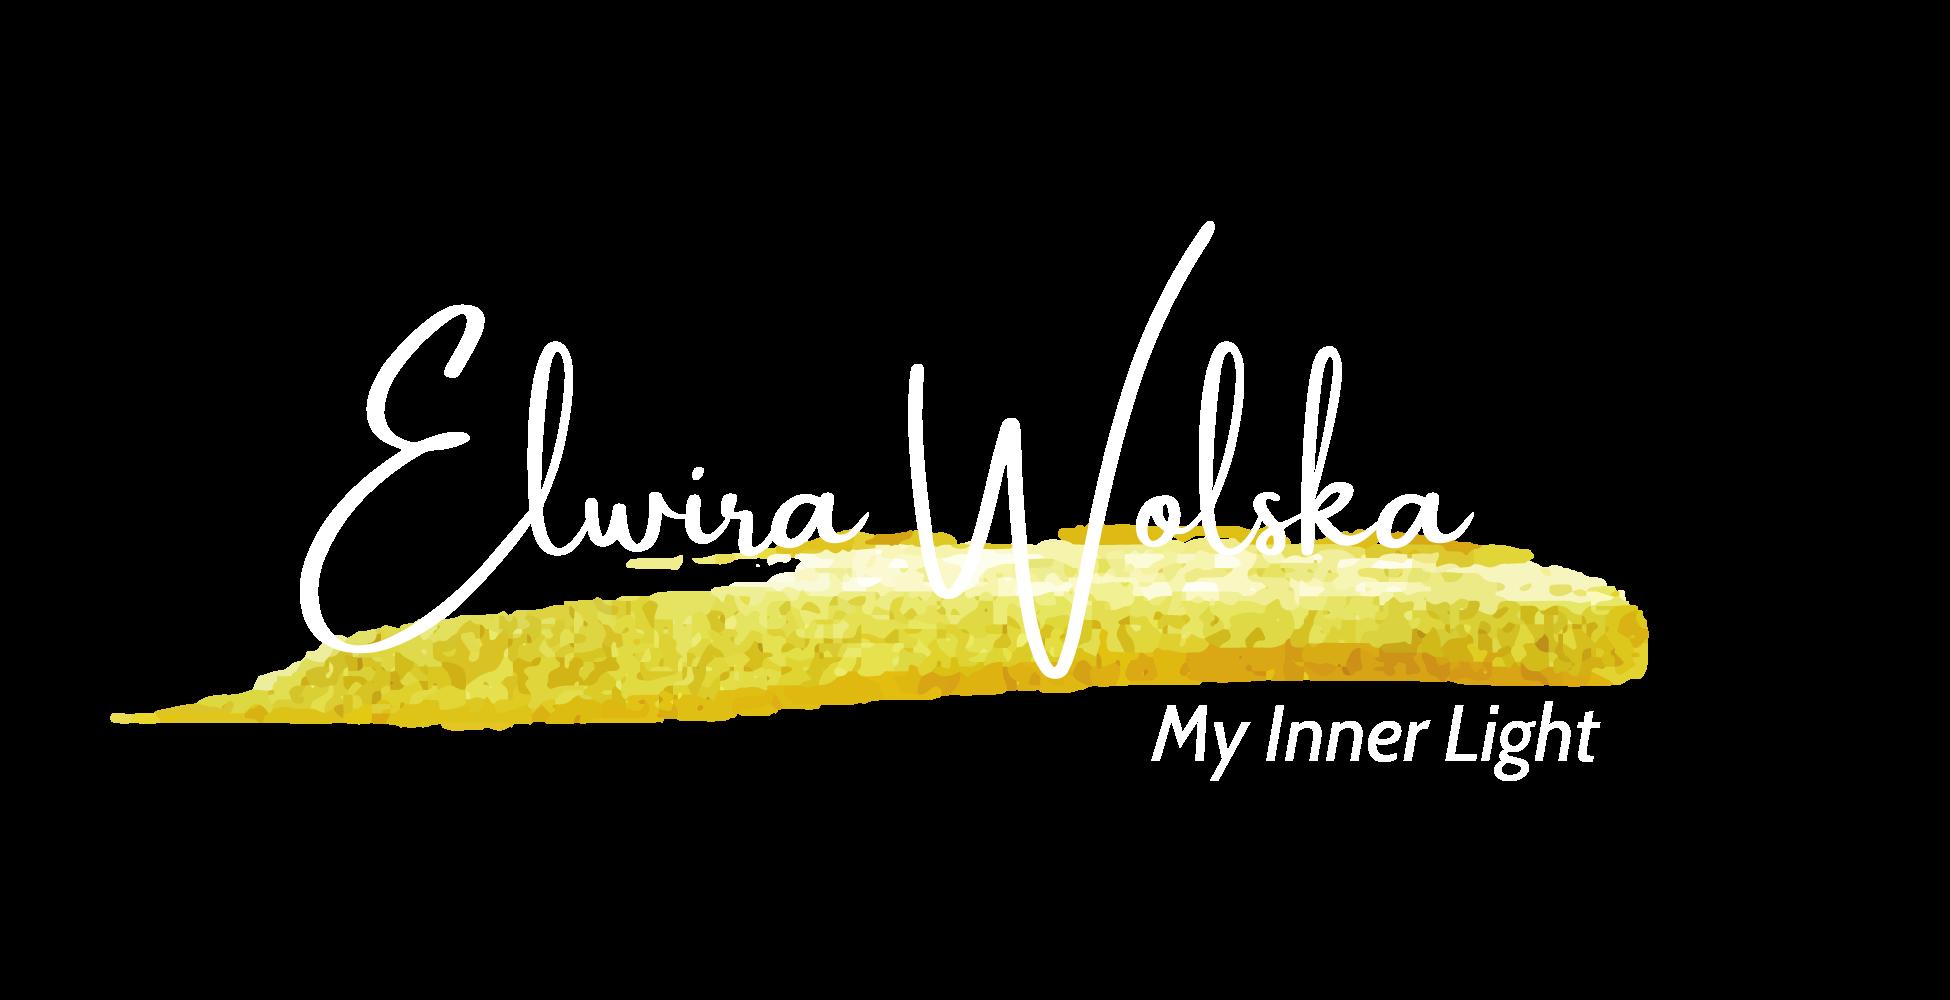 Elwira Wolska